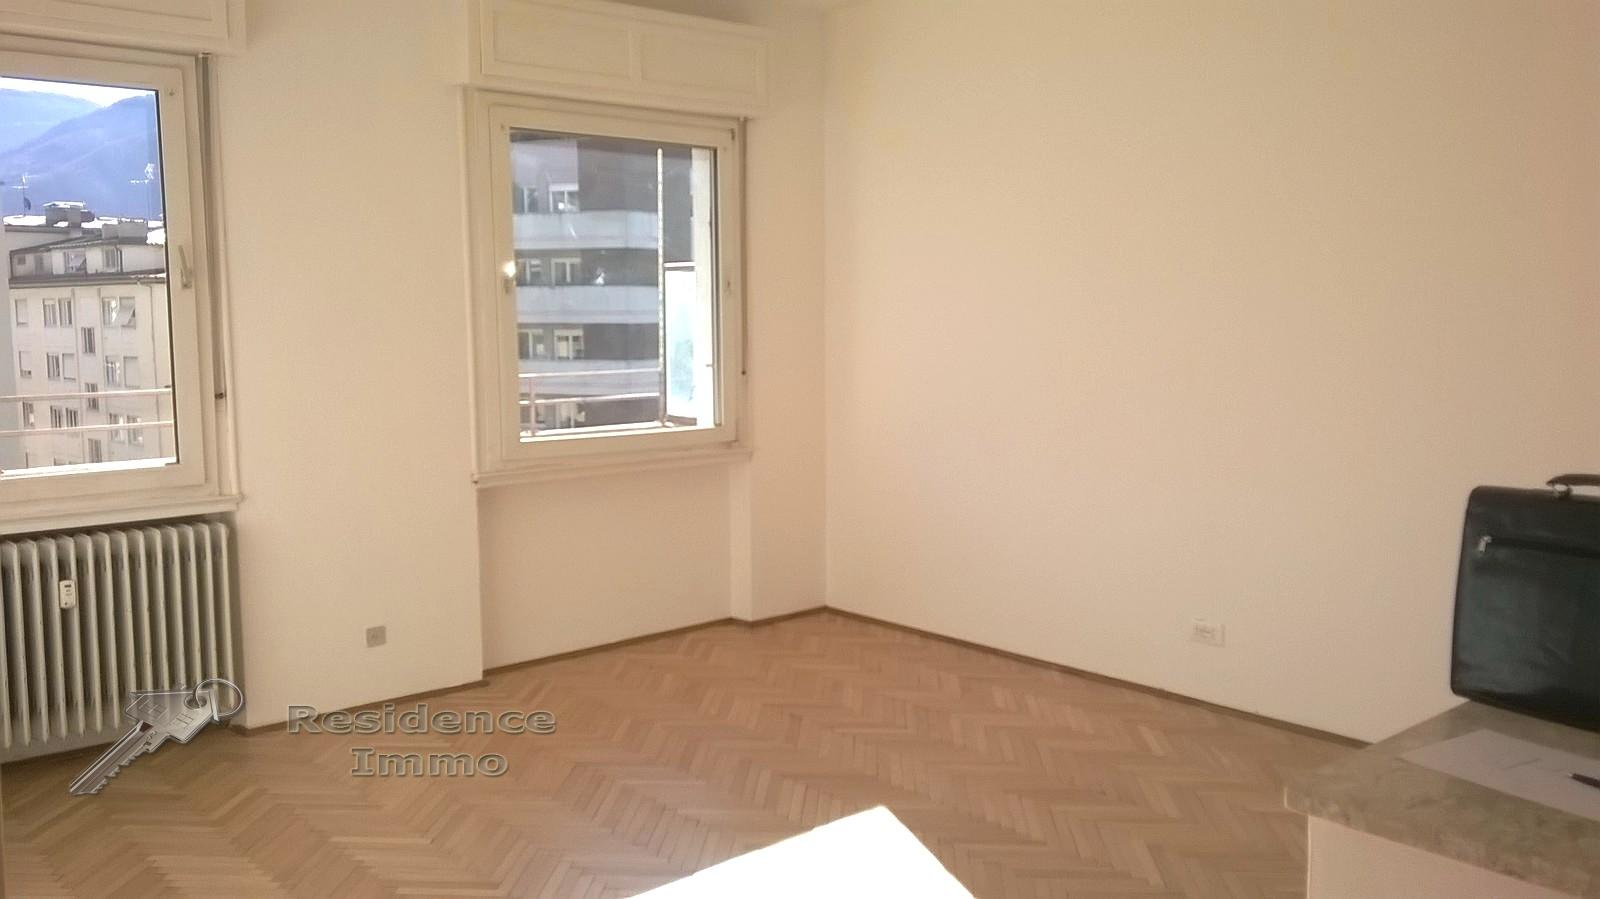 Attico / Mansarda in vendita a Bolzano, 5 locali, zona Zona: Residenziale, prezzo € 420.000 | CambioCasa.it